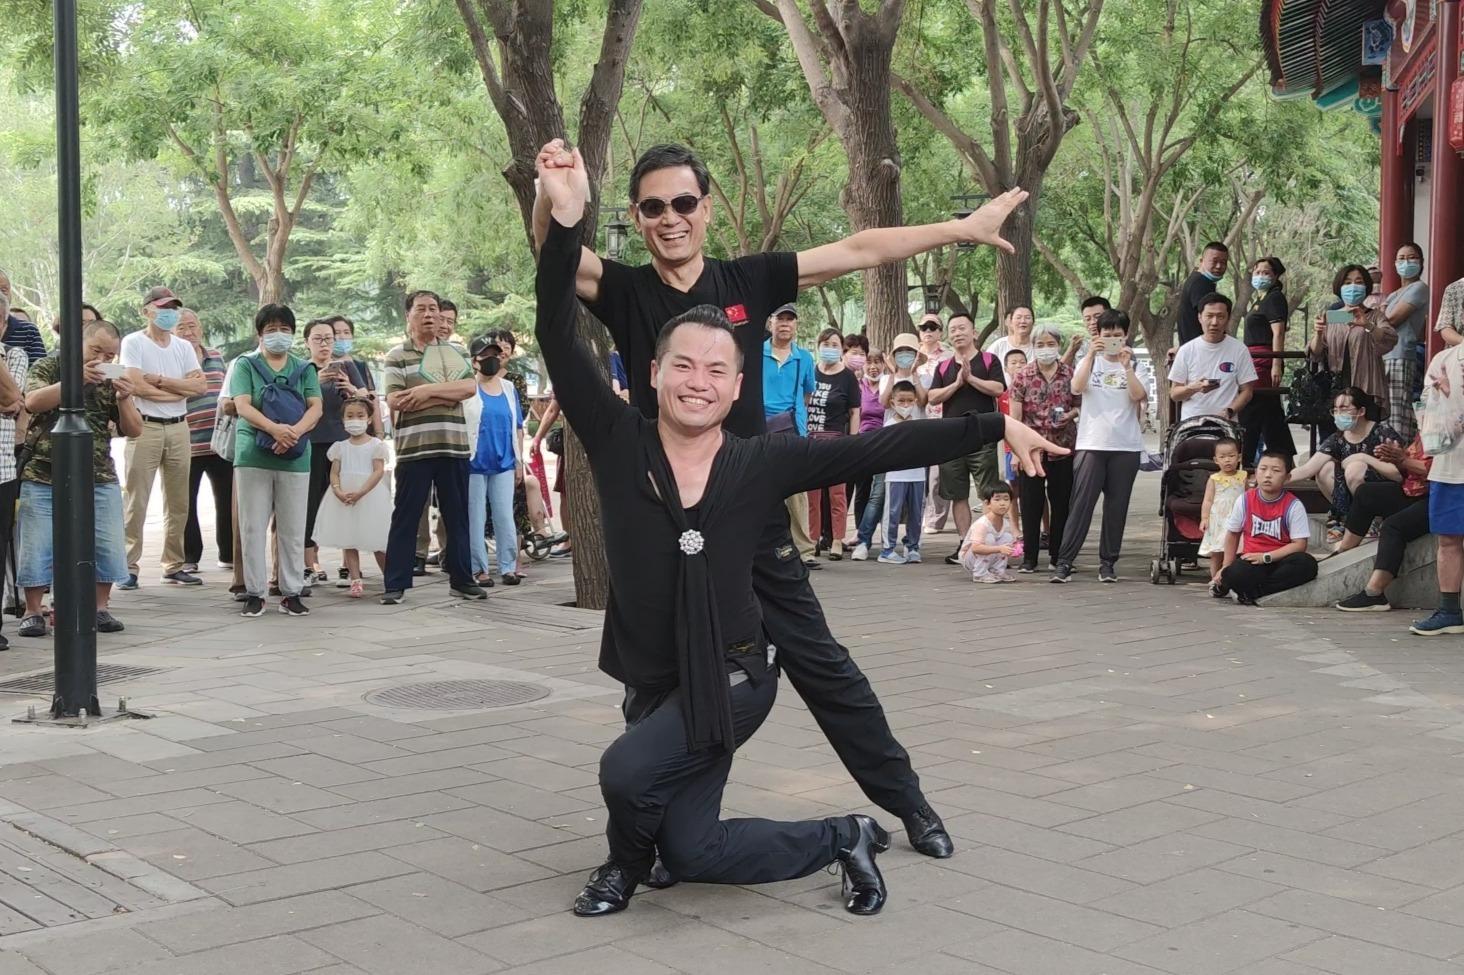 双男组合表演吉特巴《今天是你的生日》超好看,舞步简单好学